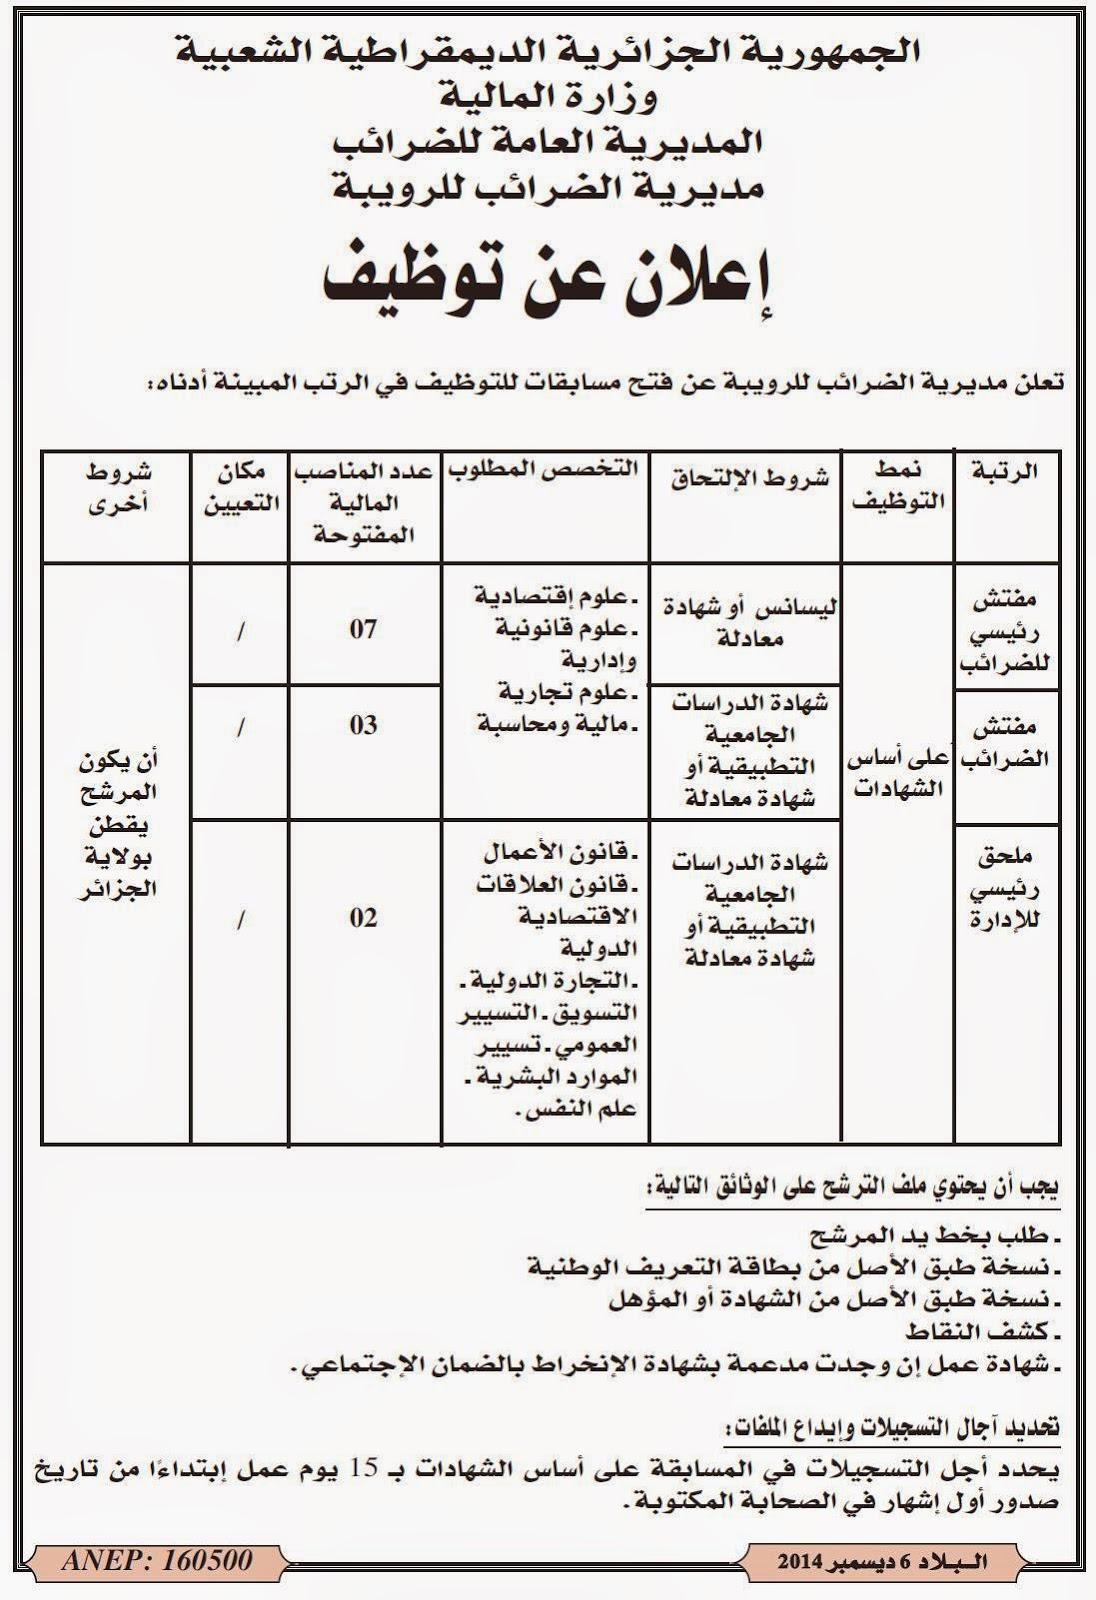 إعلان توظيف بمديرية الضرائب للرويبة الجزائر